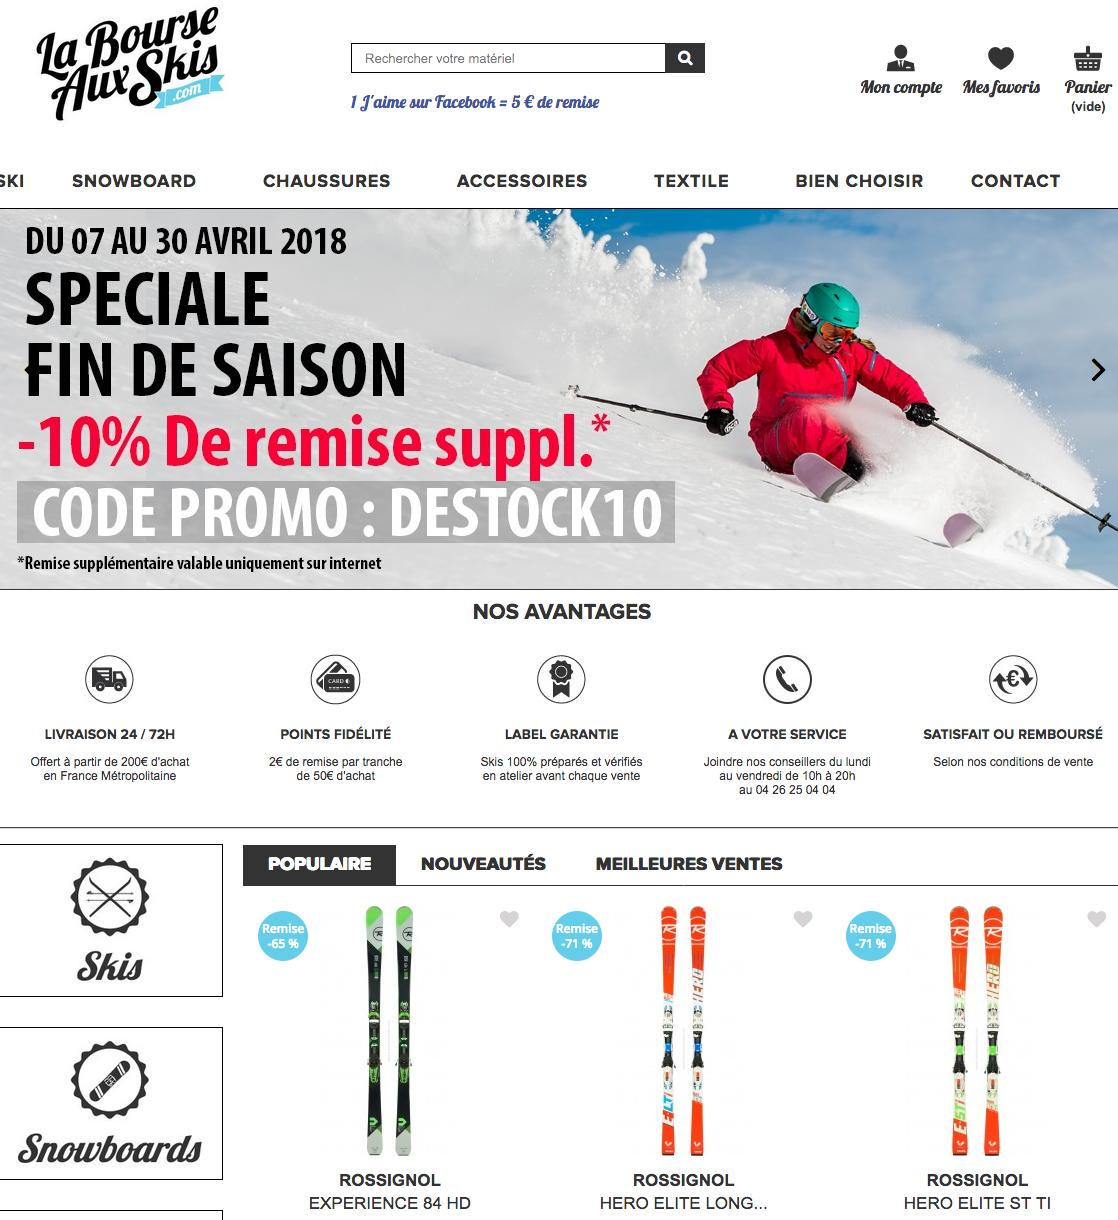 La Bourse aux skis - site internet